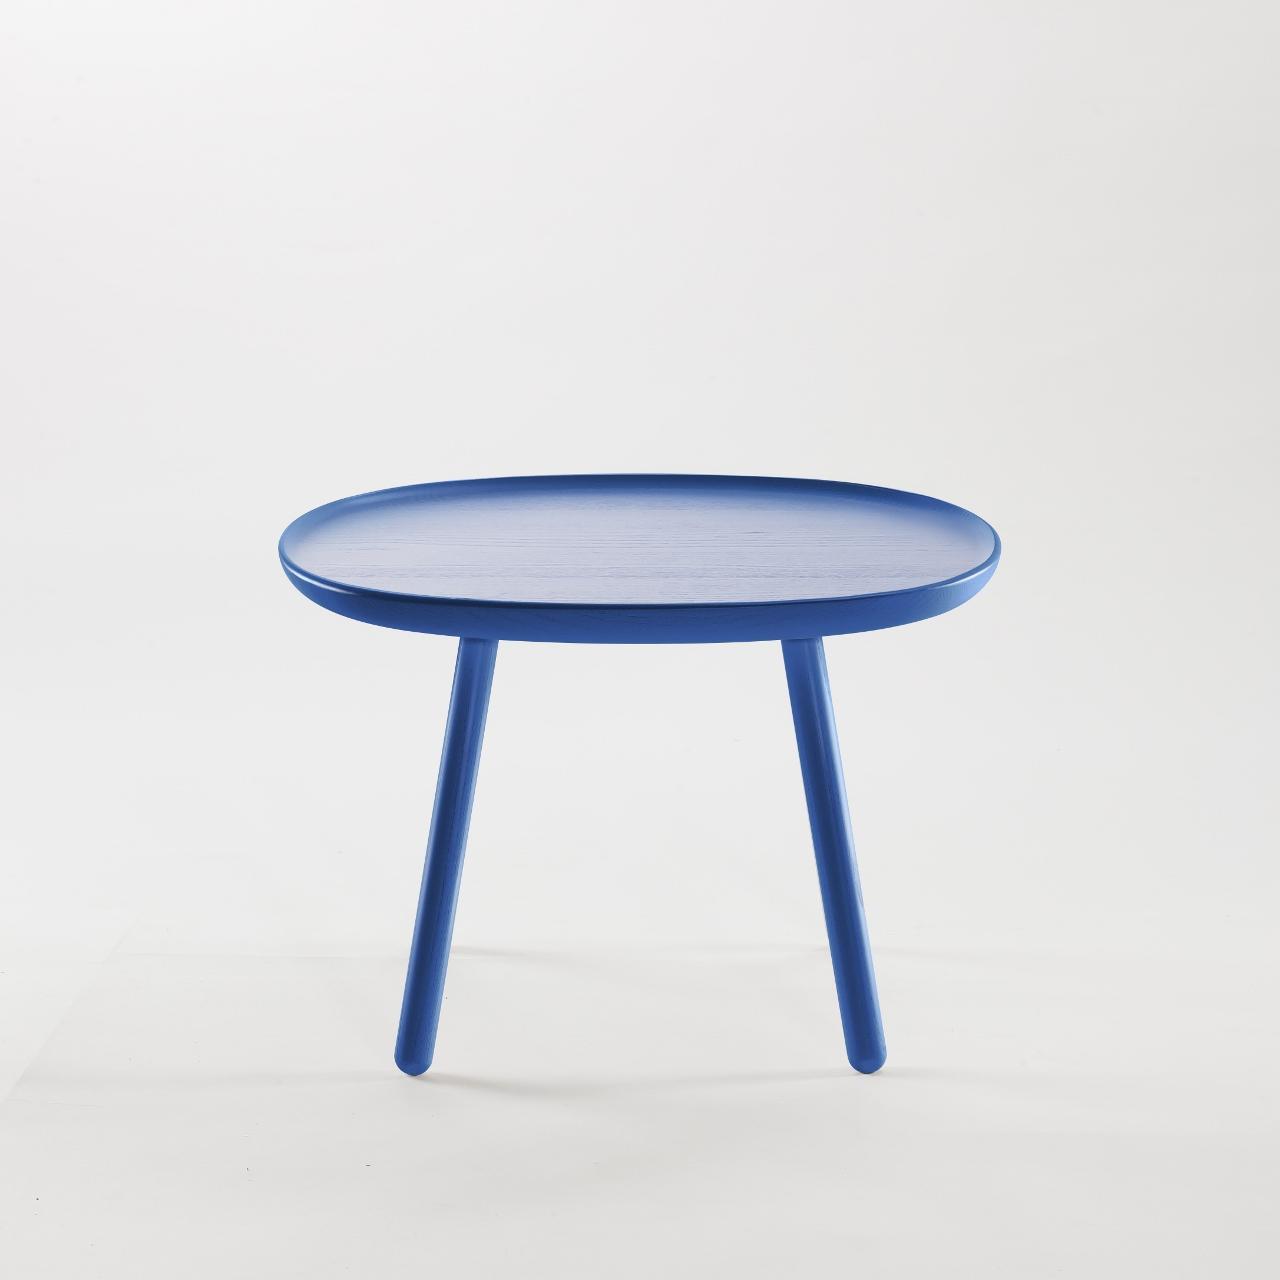 Runder beistelltisch aus holz blau emko for Beistelltisch c form